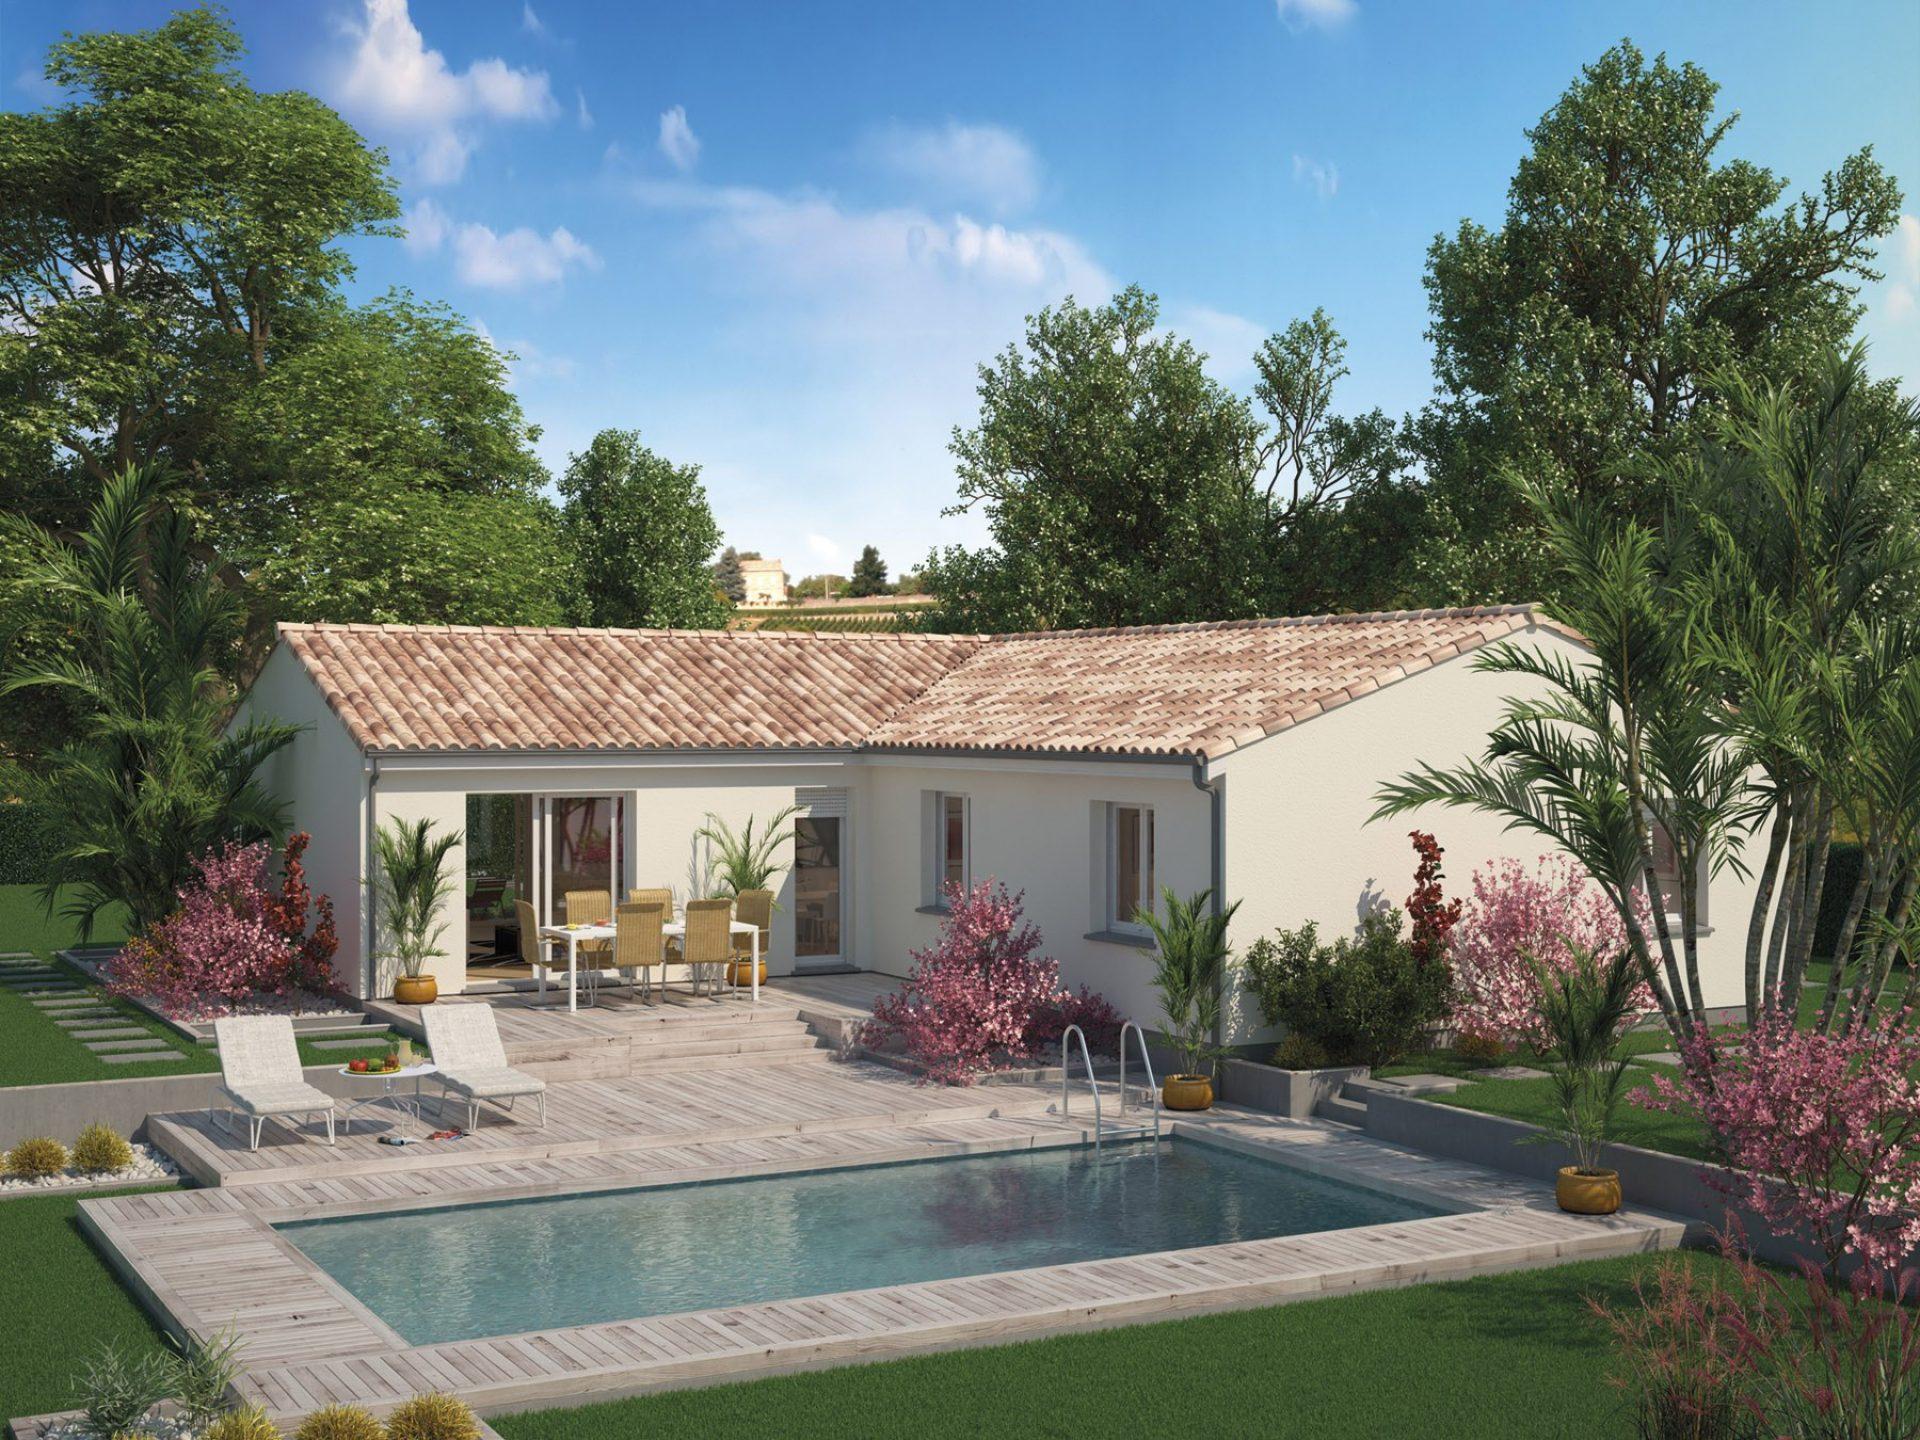 La maison Aunis | 100 à 125 m² | 3 à 4 chambres